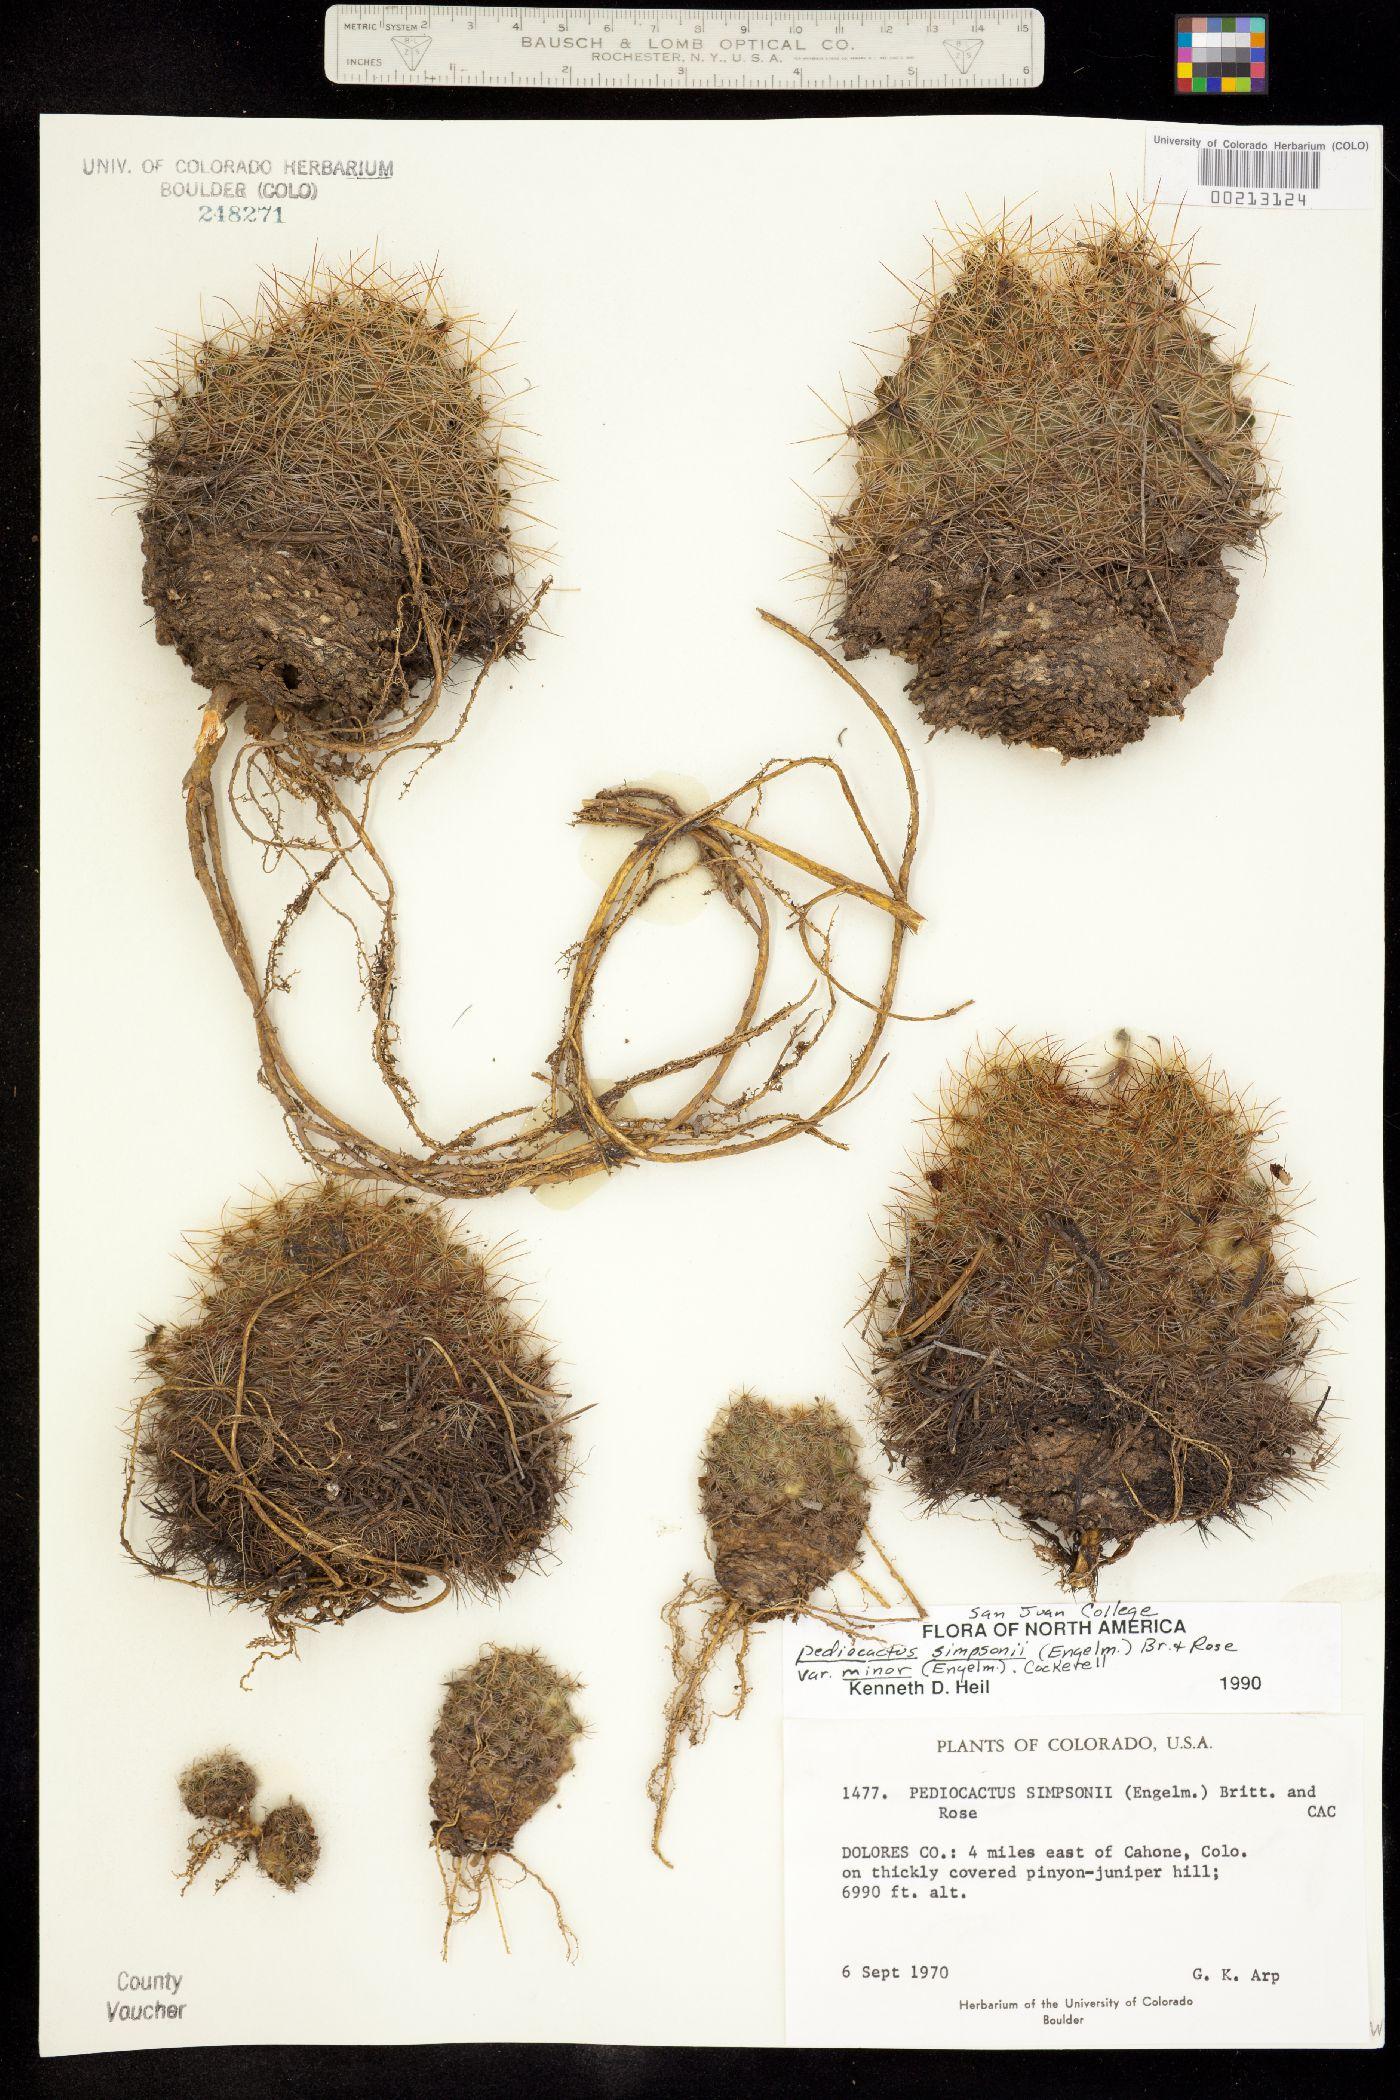 Pediocactus simpsonii var. minor image